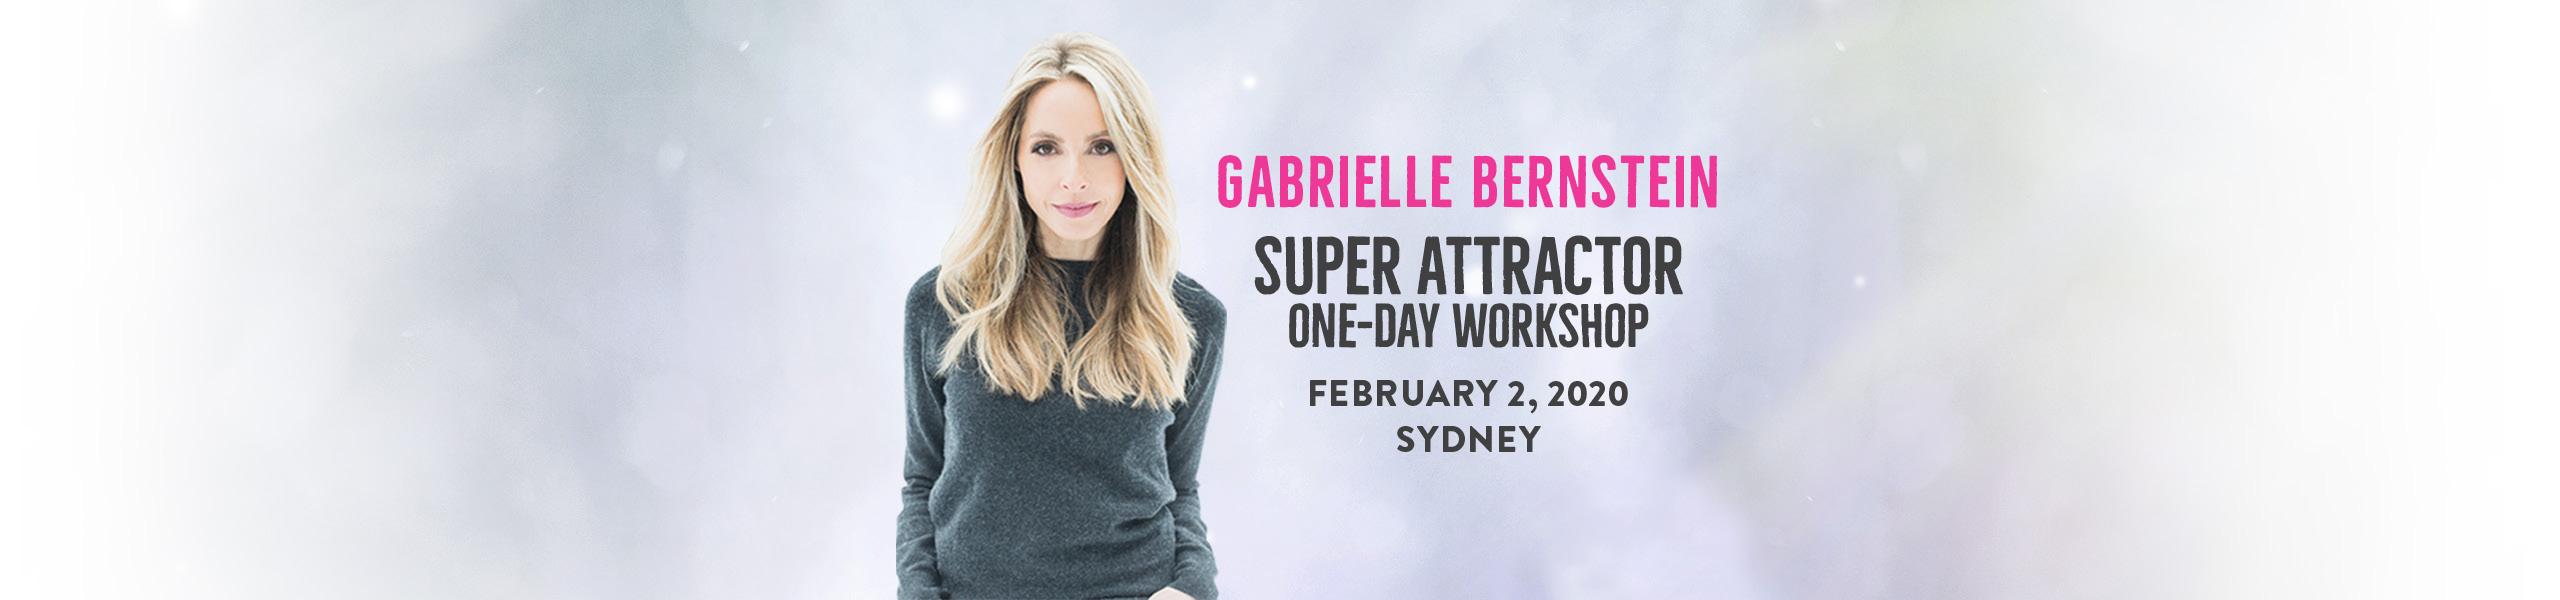 Super Attractor - Sydney 2020